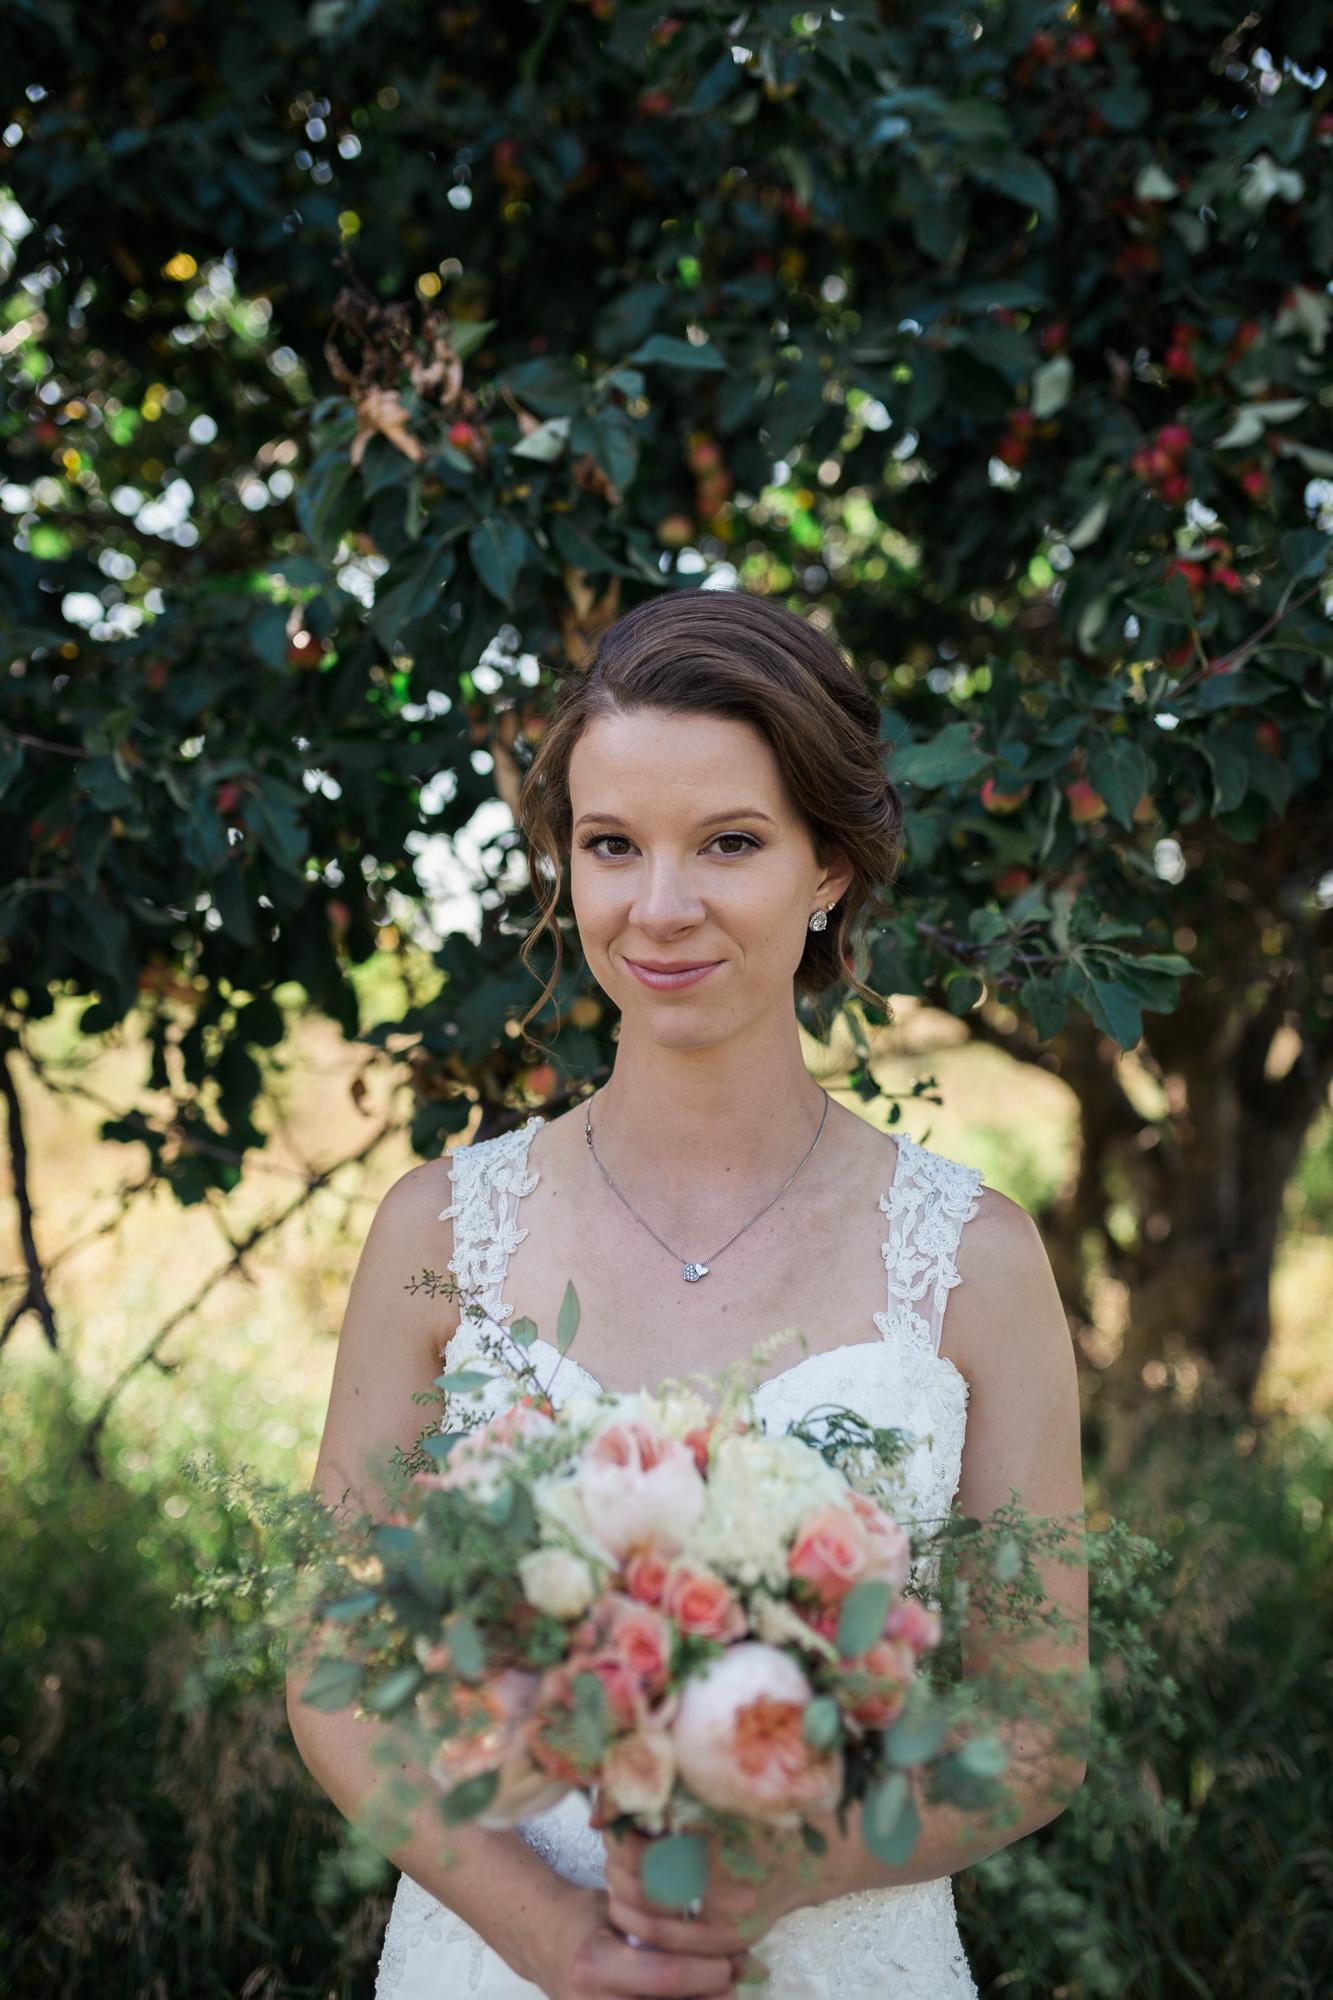 Deanna-Rachel-Photography-calgary-Wedding-photographer-jm-56.jpg